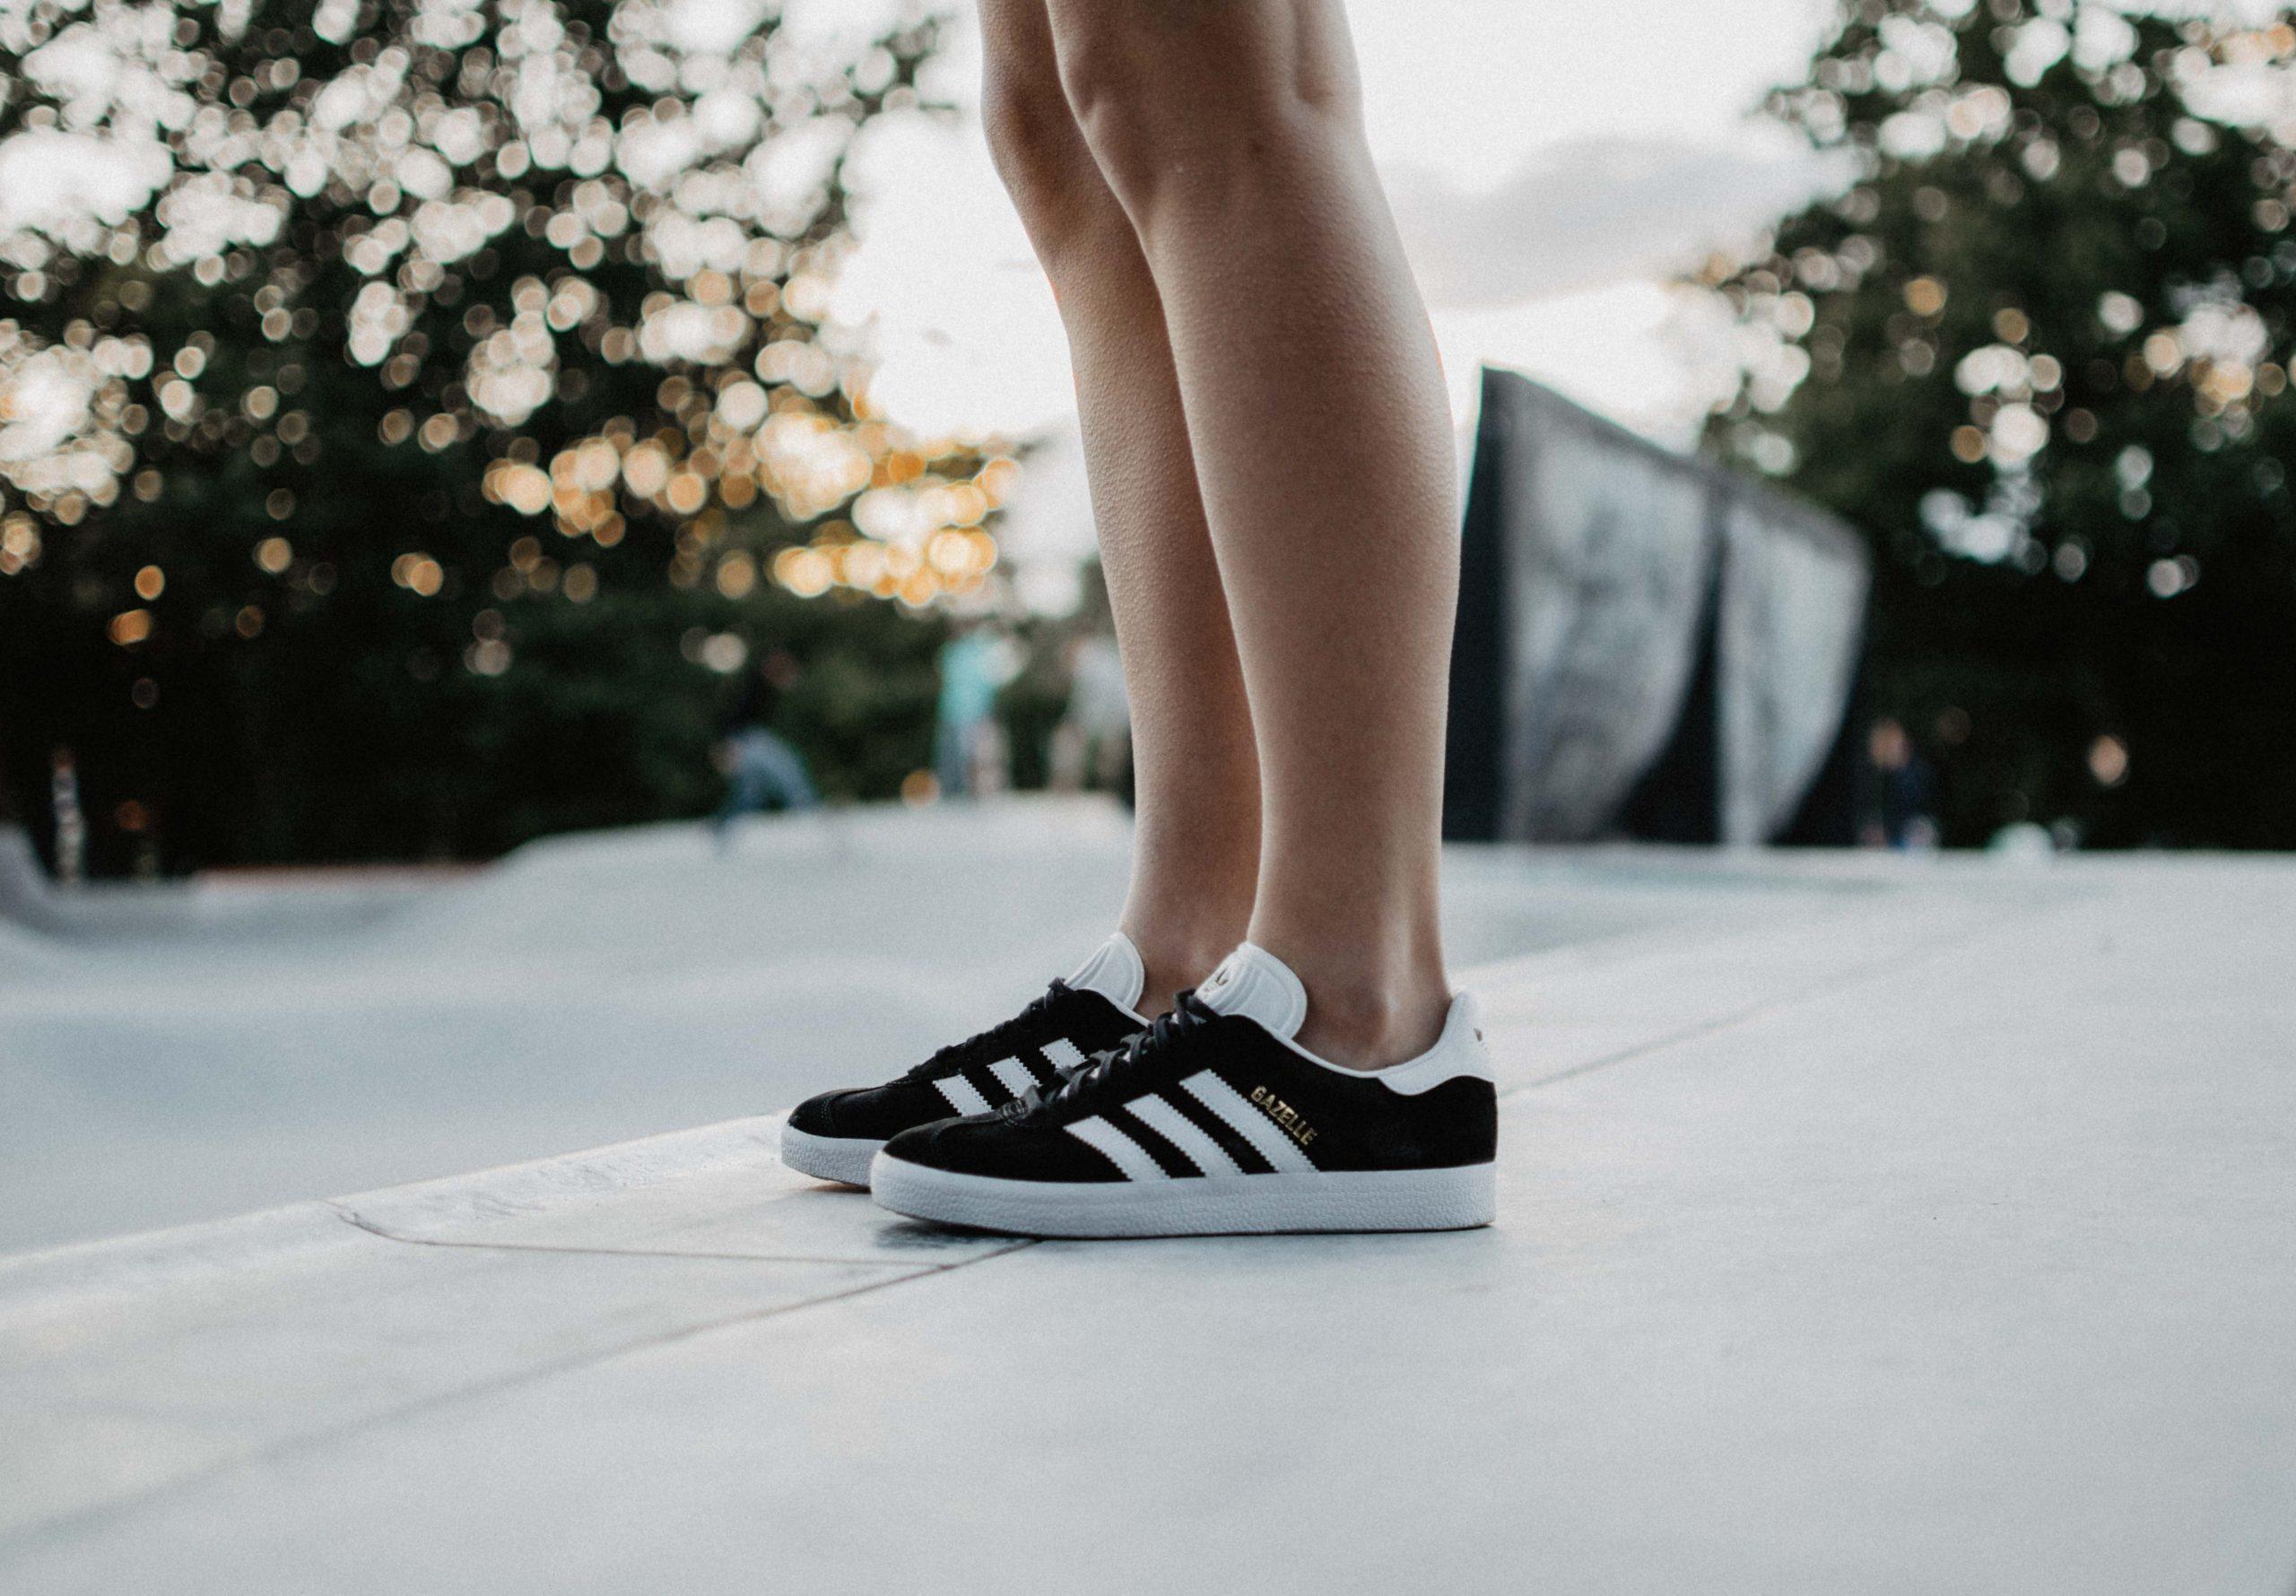 Zapatillas Adidas de mujer: ¿Cuál es la mejor del 2021?